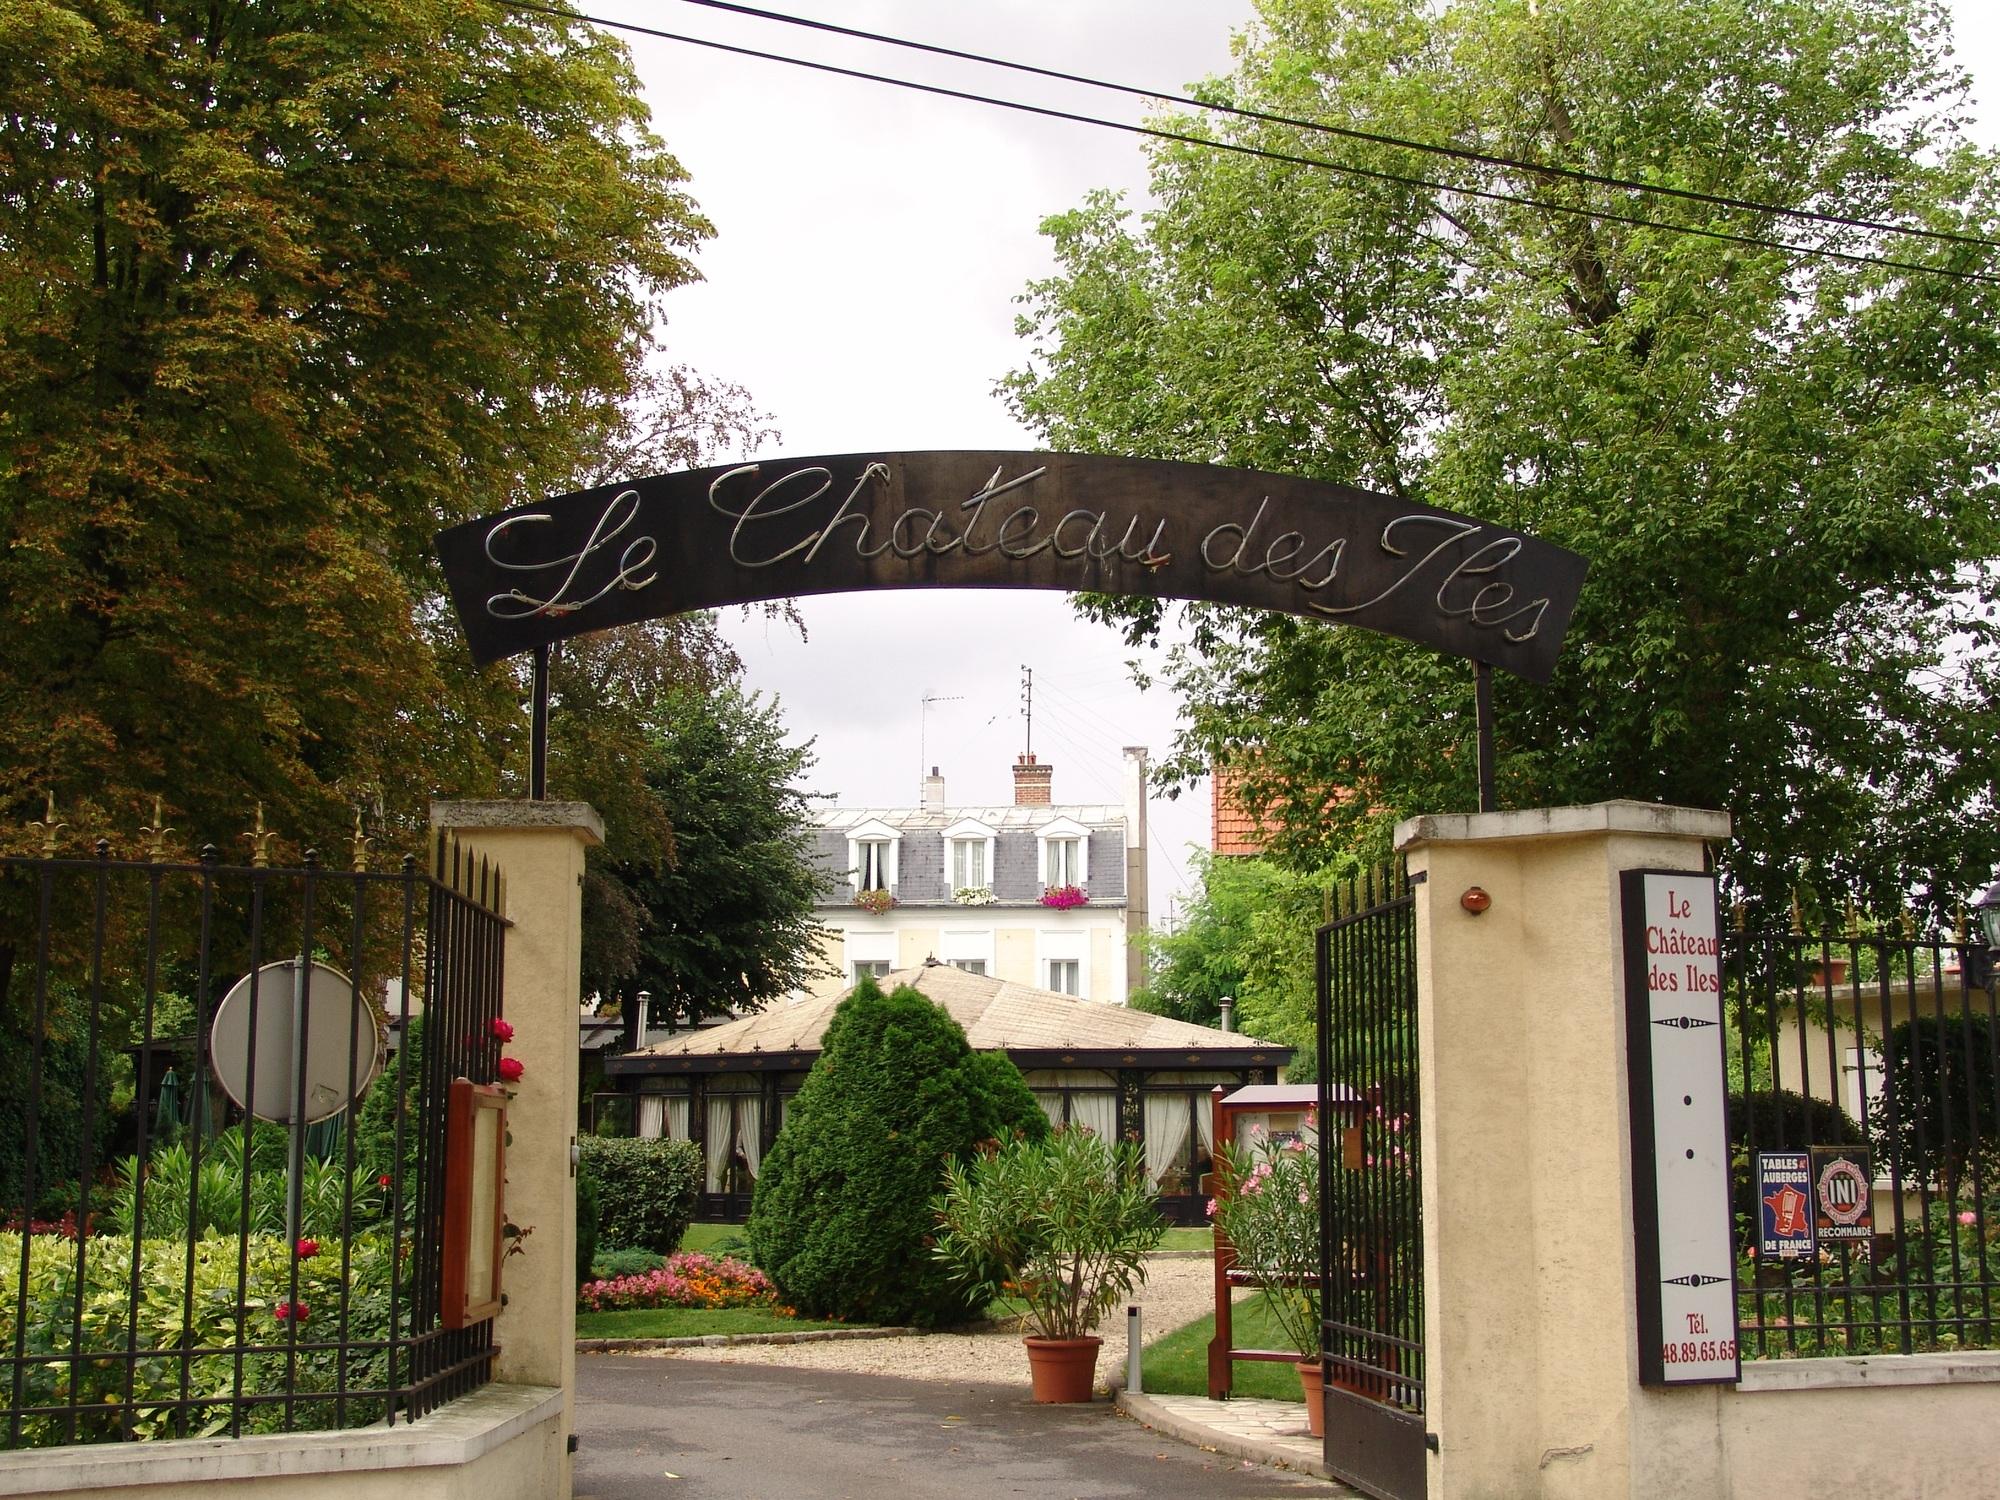 Chateau-des-iles7-05